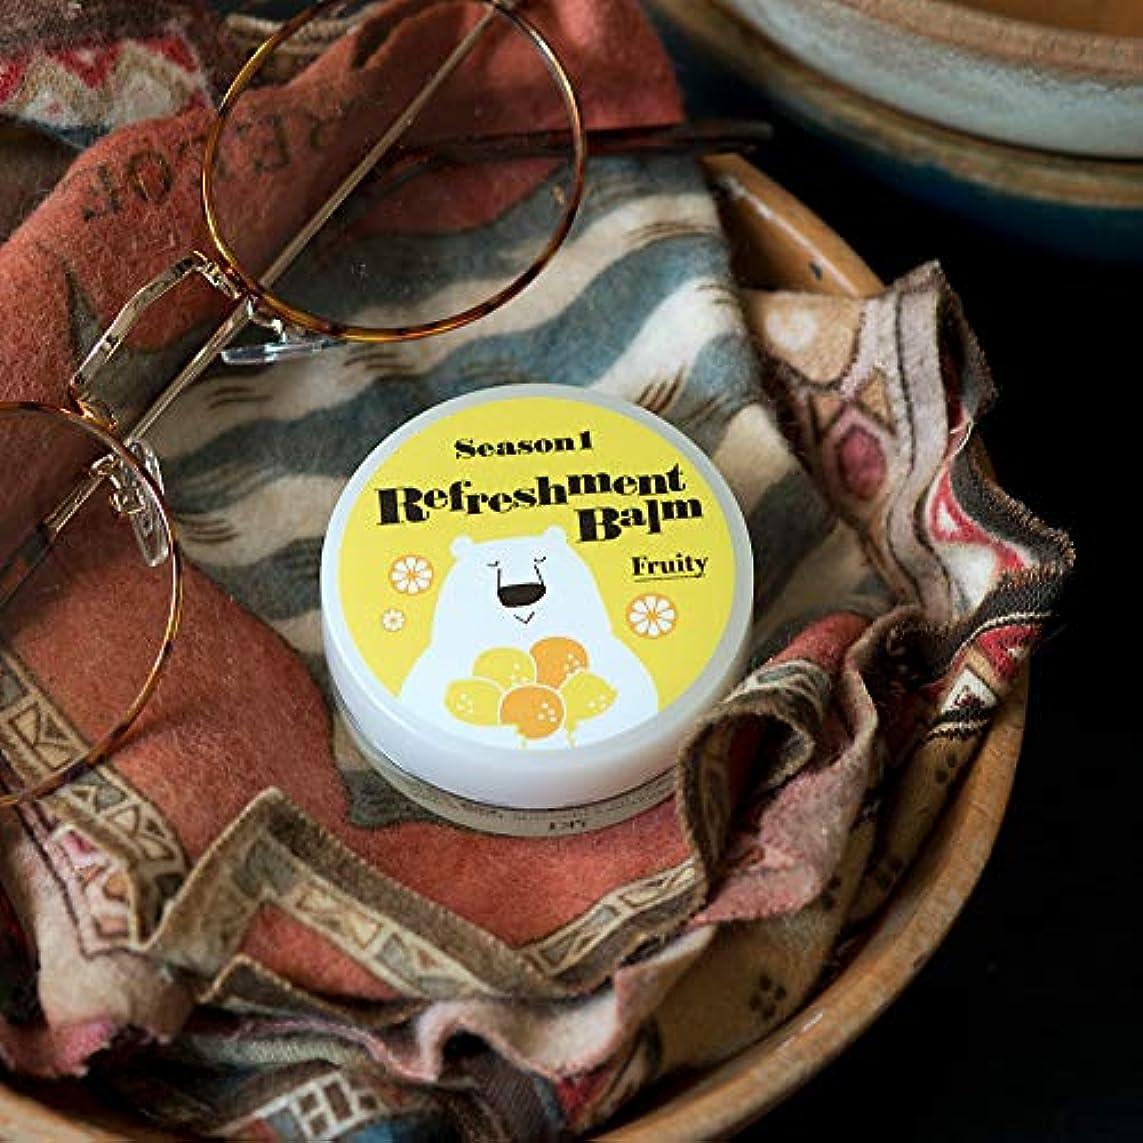 オール虎食欲(美健)BIKEN カサカサ鼻にひと塗り リフレッシュメントバーム フルーティ エッセンシャルオイル(精油)のみで香り付け